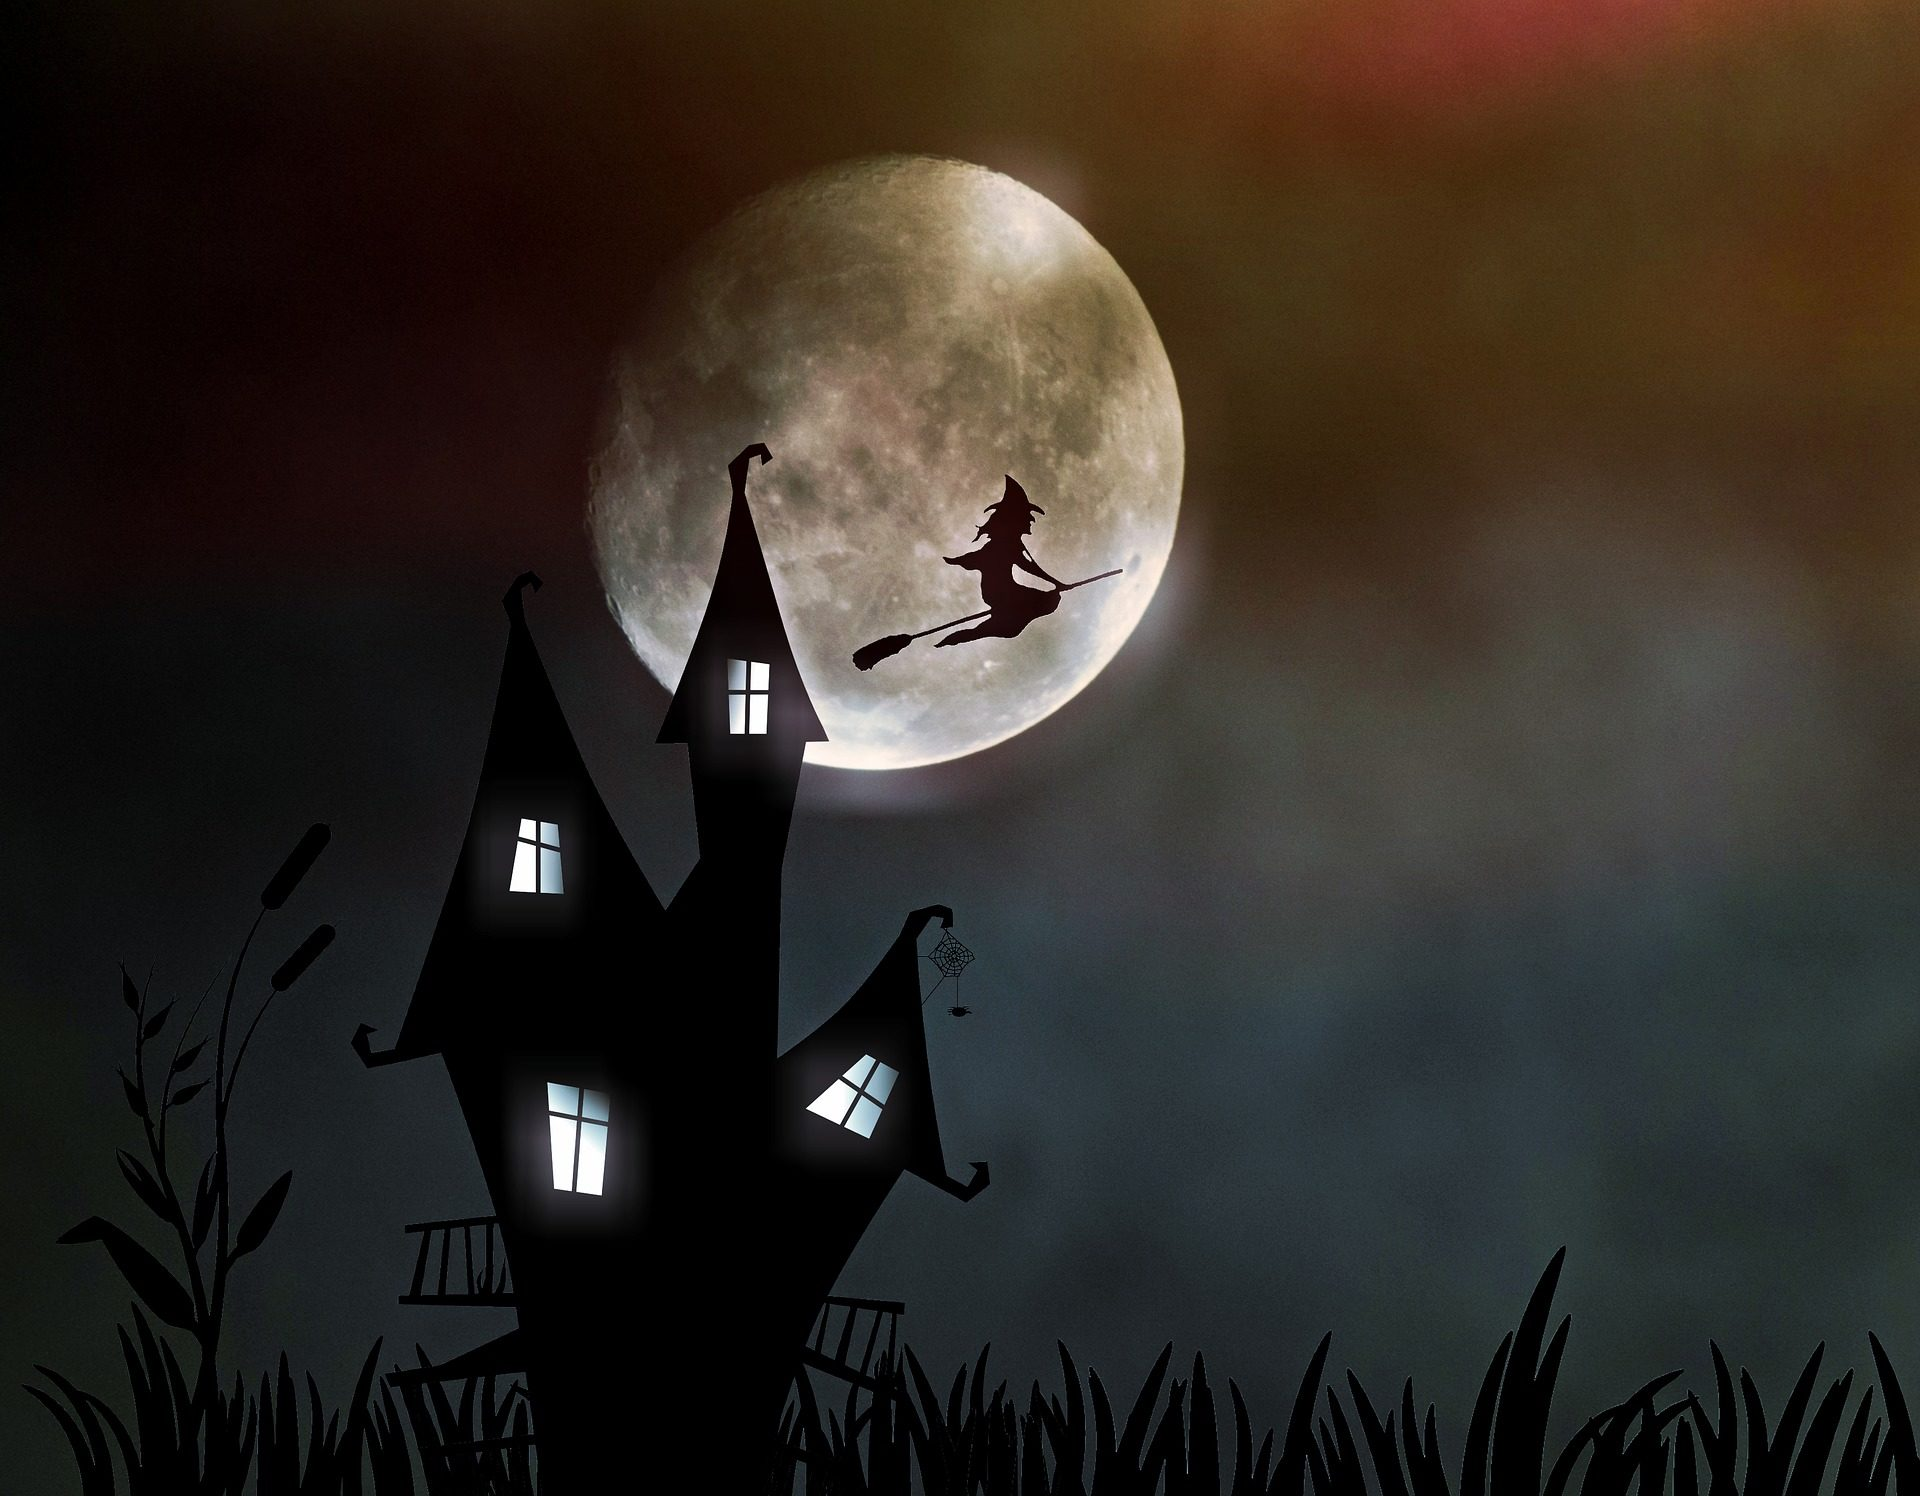 الساحرة, المنزل, القمر, رعب, خوف, عيد الهالوين - خلفيات عالية الدقة - أستاذ falken.com